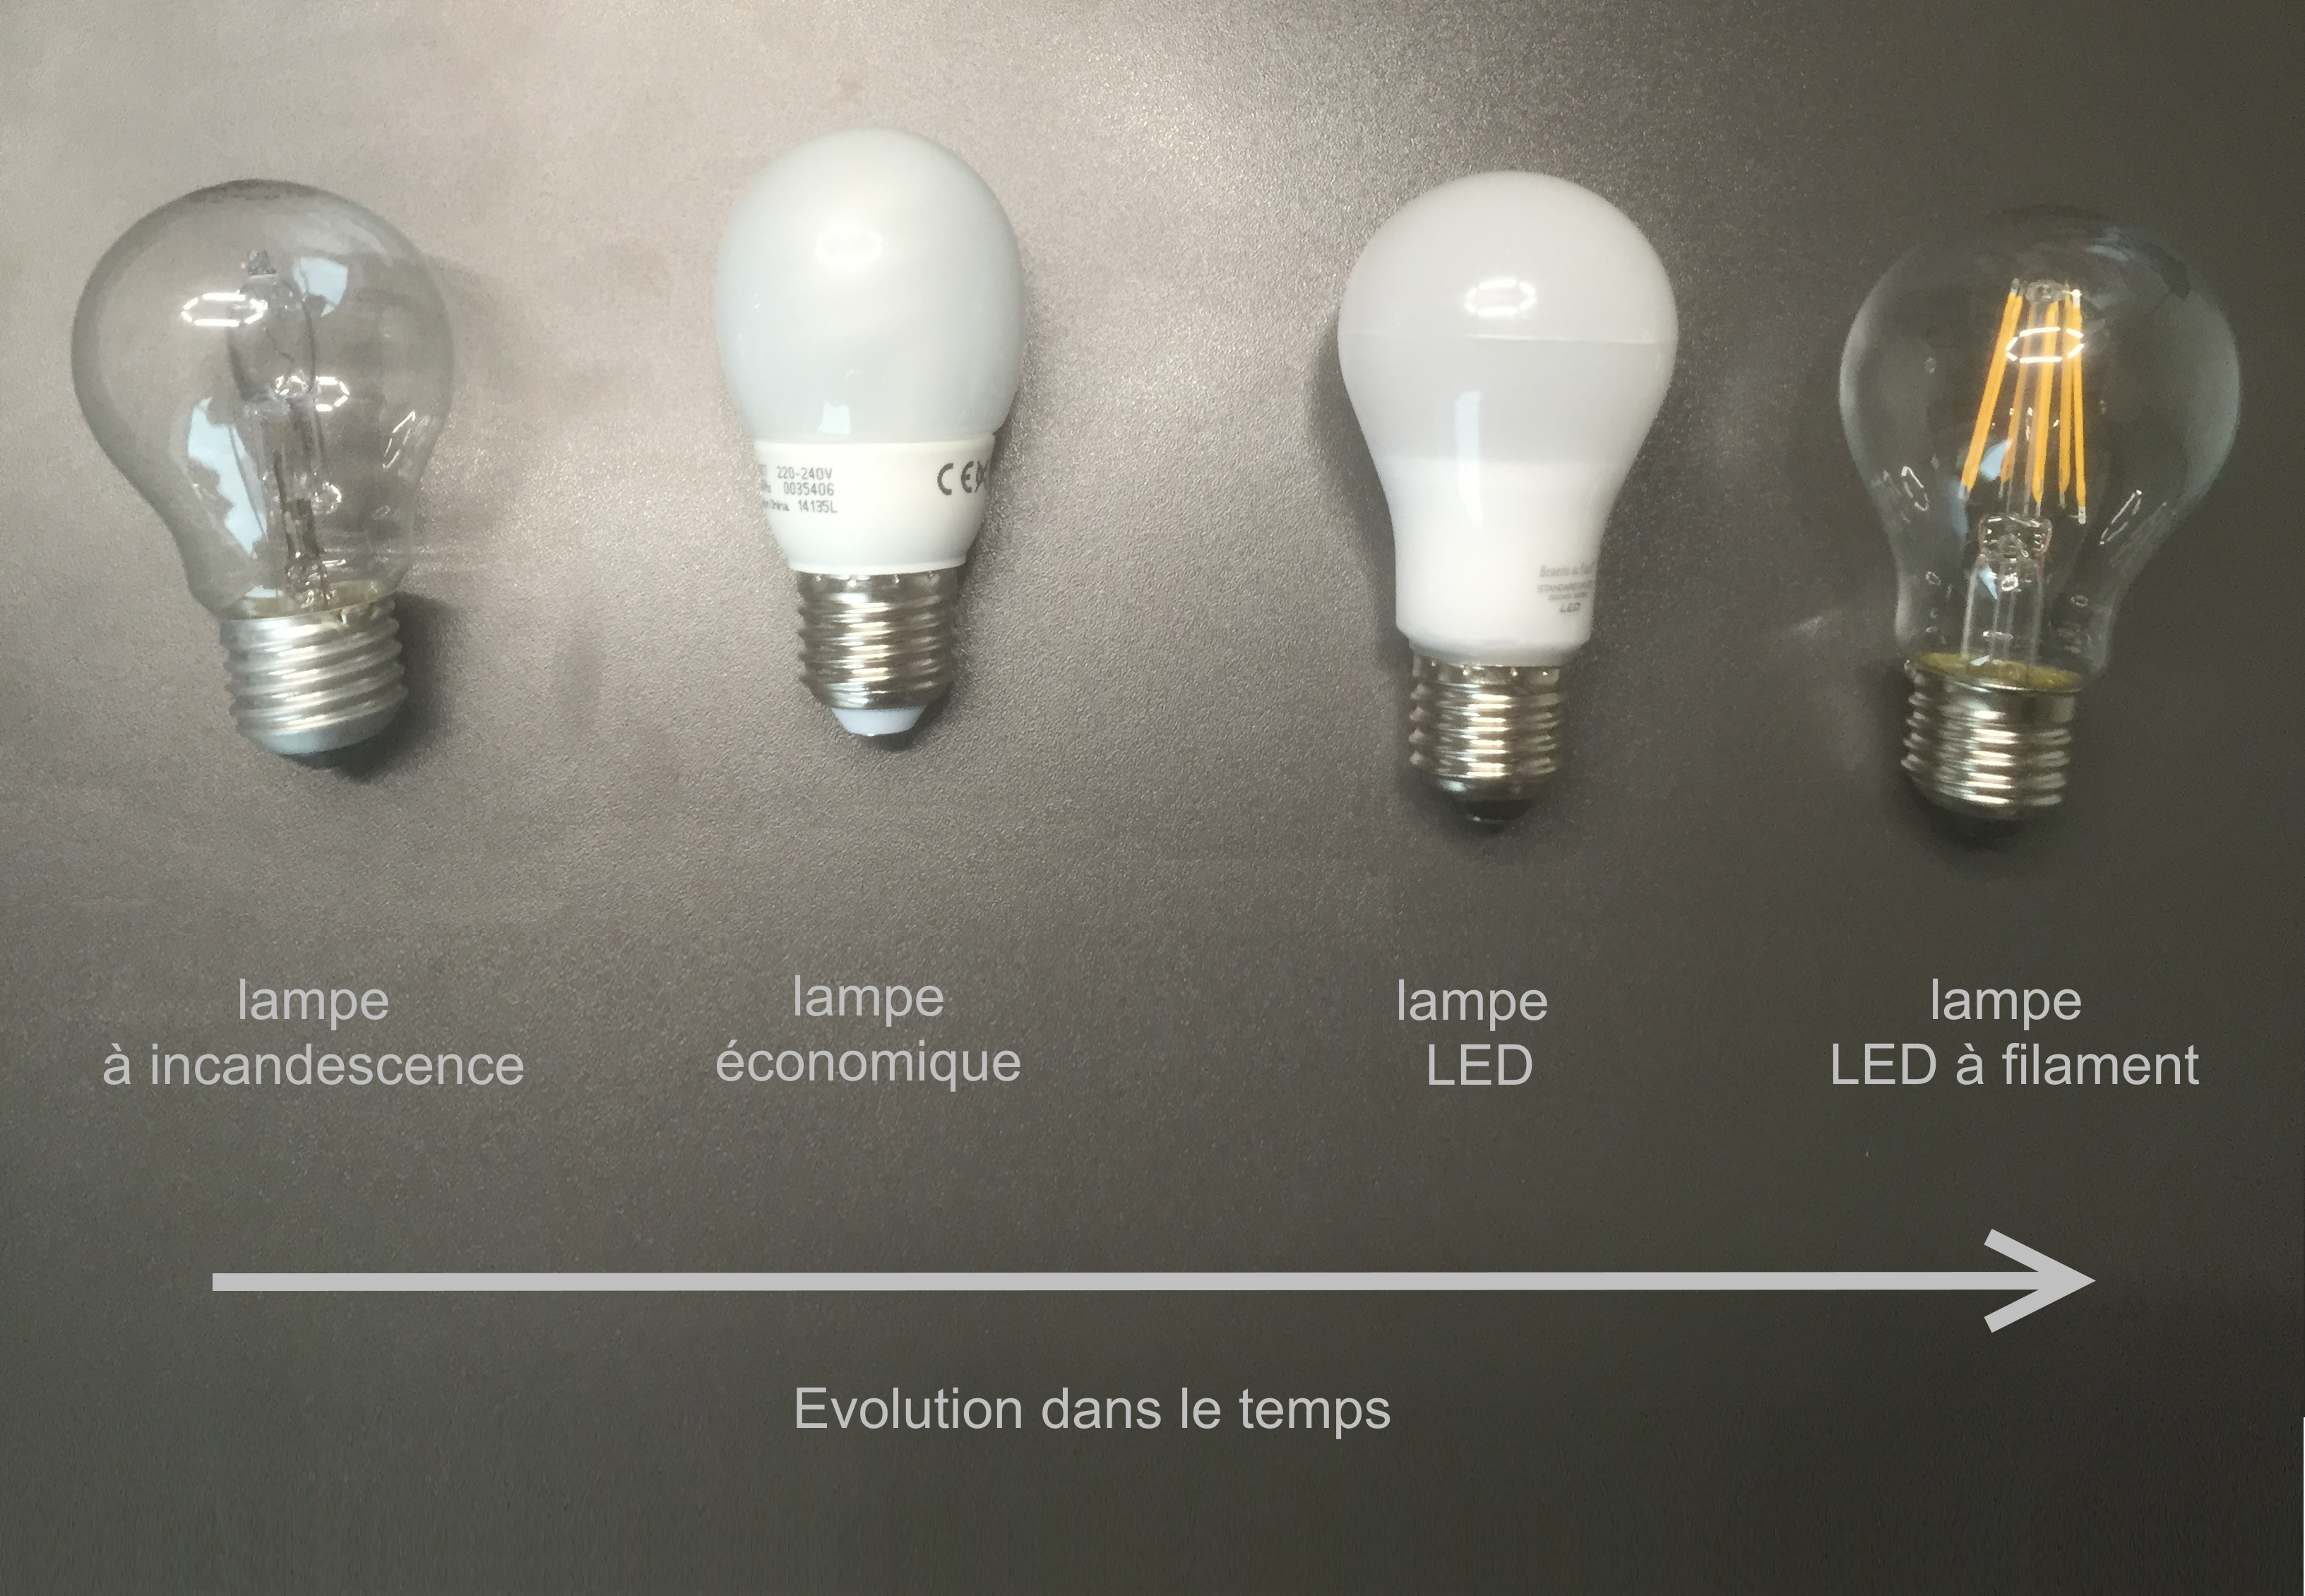 Evolution1 Résultat Supérieur 15 Impressionnant Economie Ampoule Led Photographie 2017 Hiw6